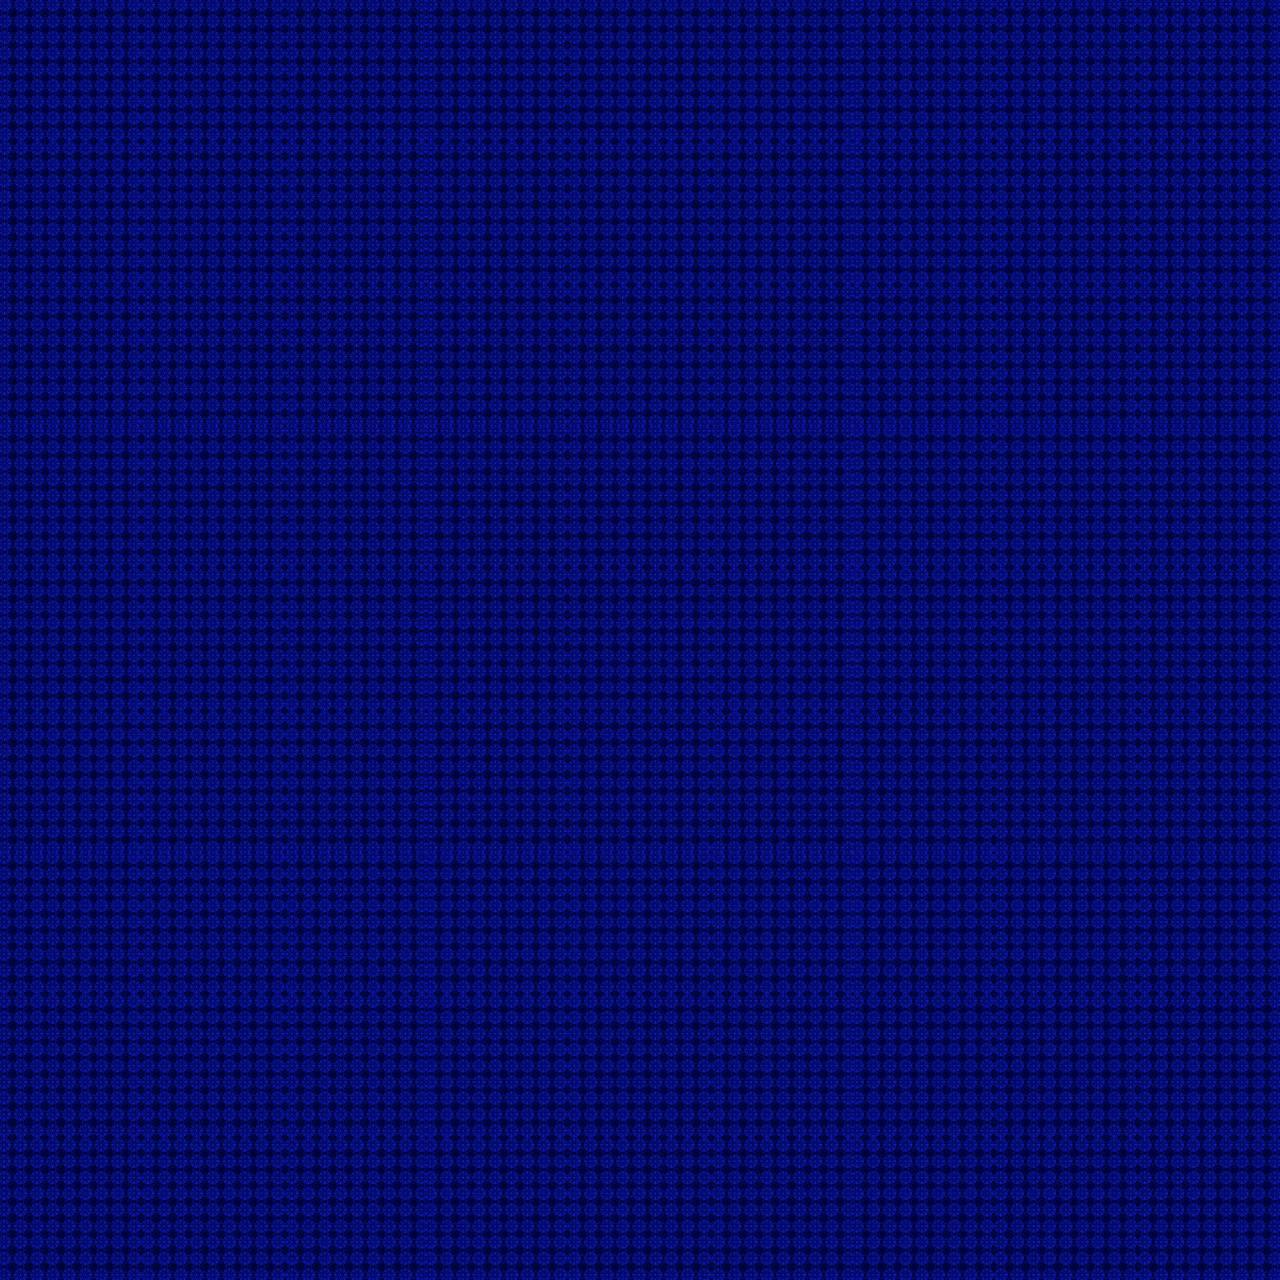 Tiled Wallpaper 8-4a